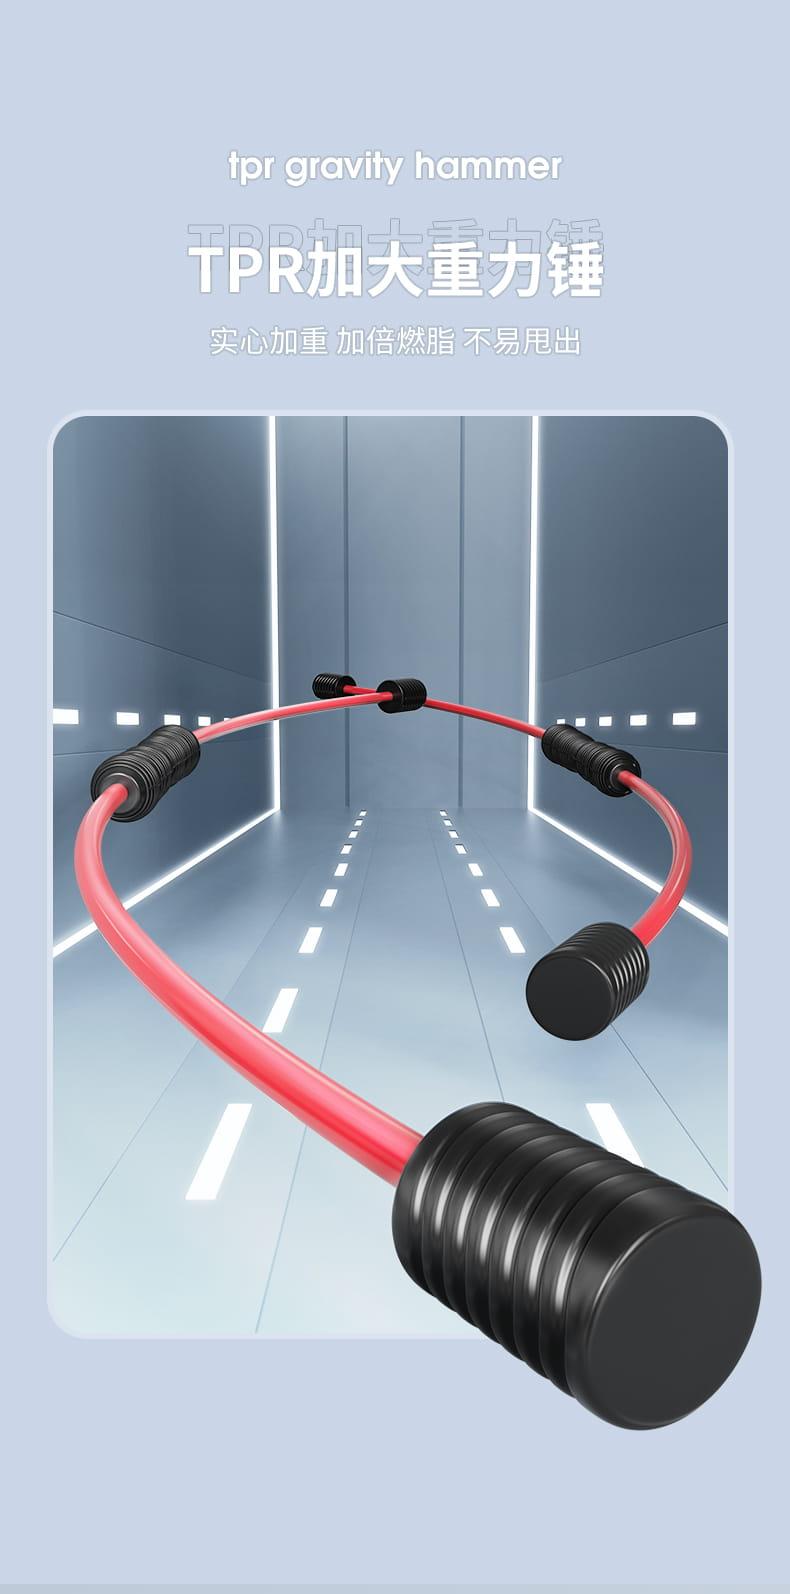 飛力仕棒 多功能健身訓練棒 飛力士健身器材 家用減肥 彈力震顫棒 抖音爆款 9